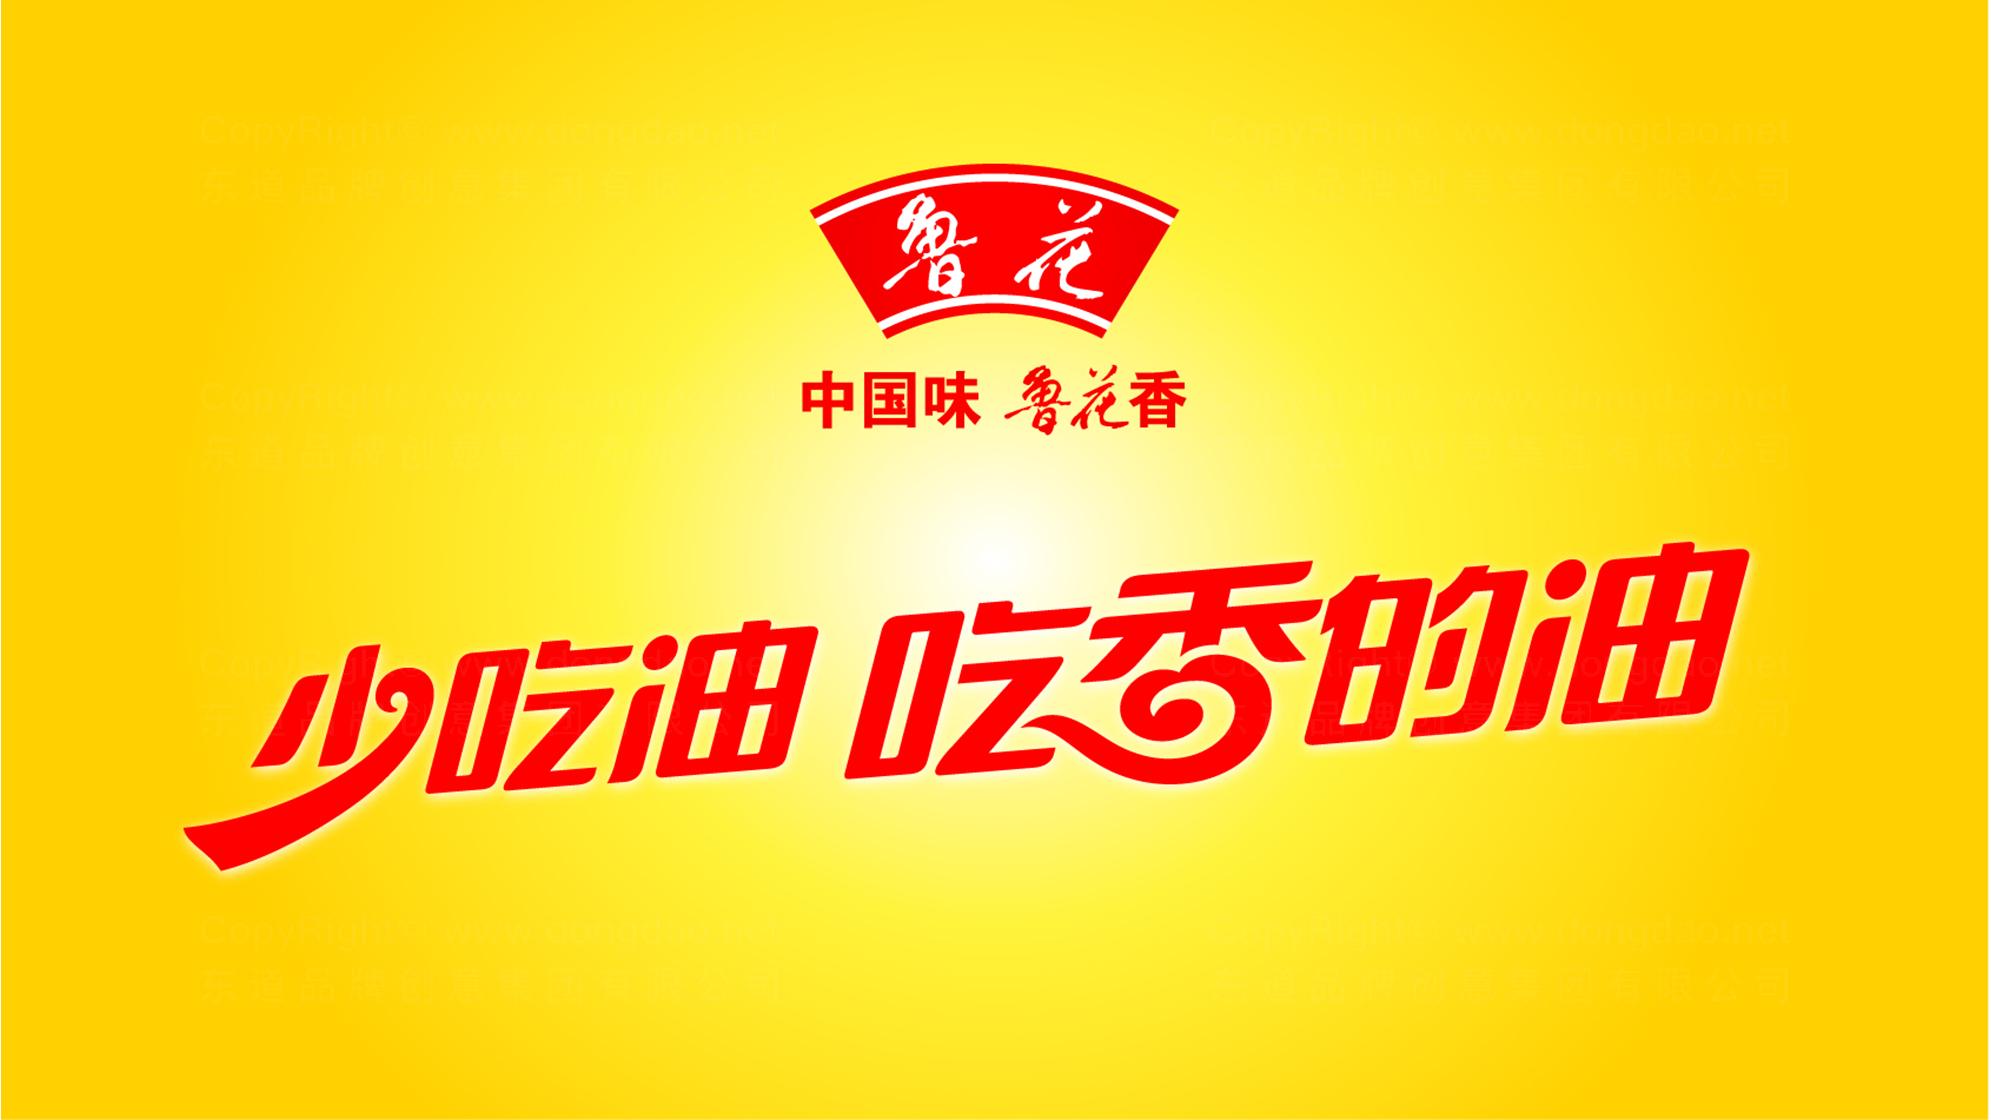 农业logo设计应用